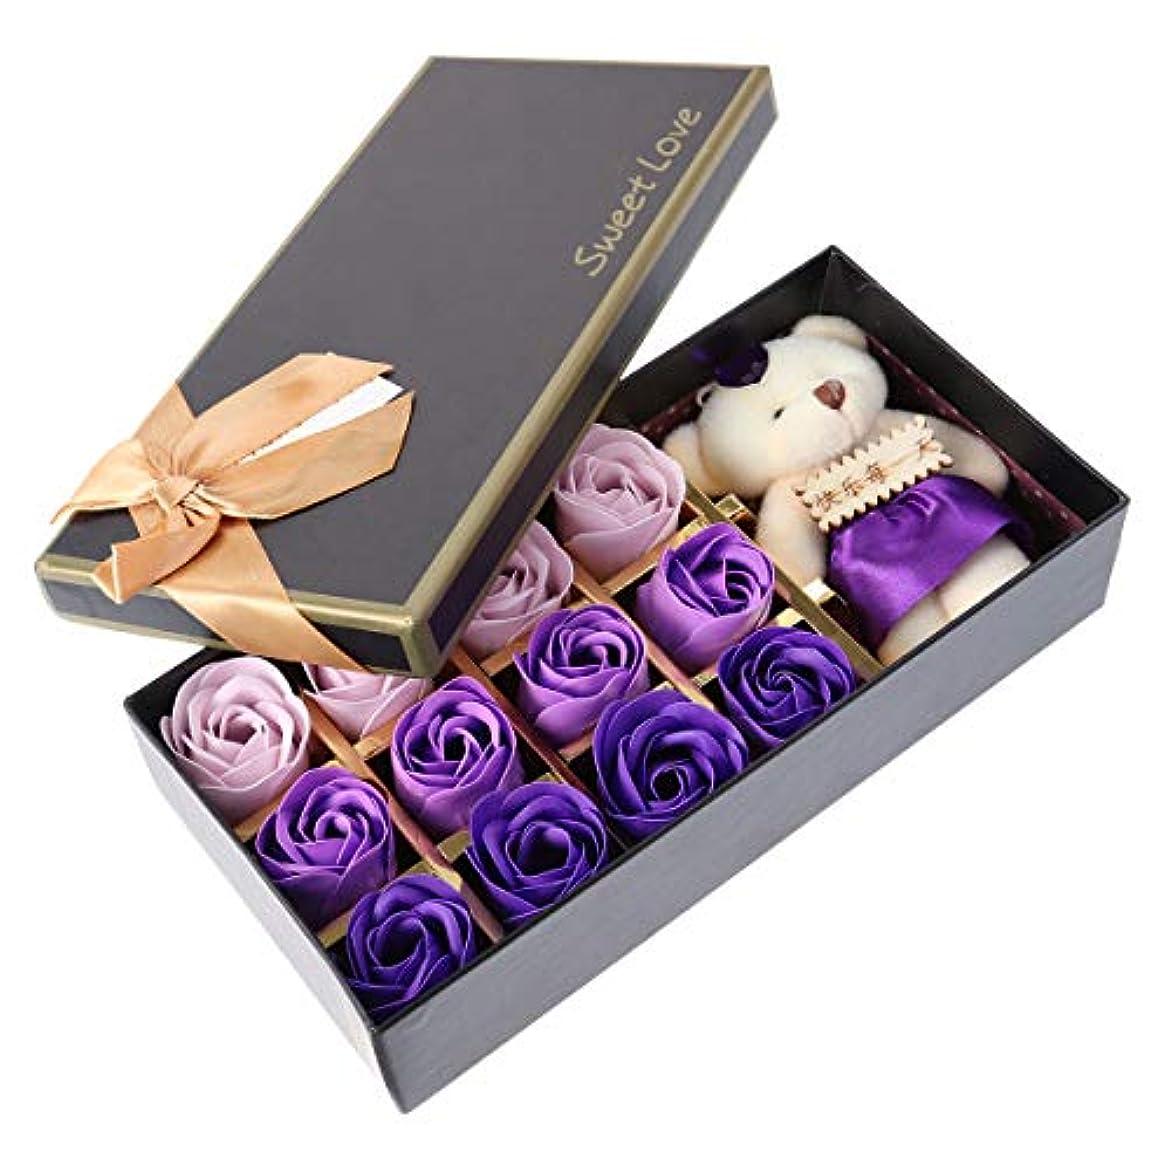 ゴールデン誰が換気するBeaupretty バレンタインデーの結婚式の誕生日プレゼントのための小さなクマとバラの石鹸の花